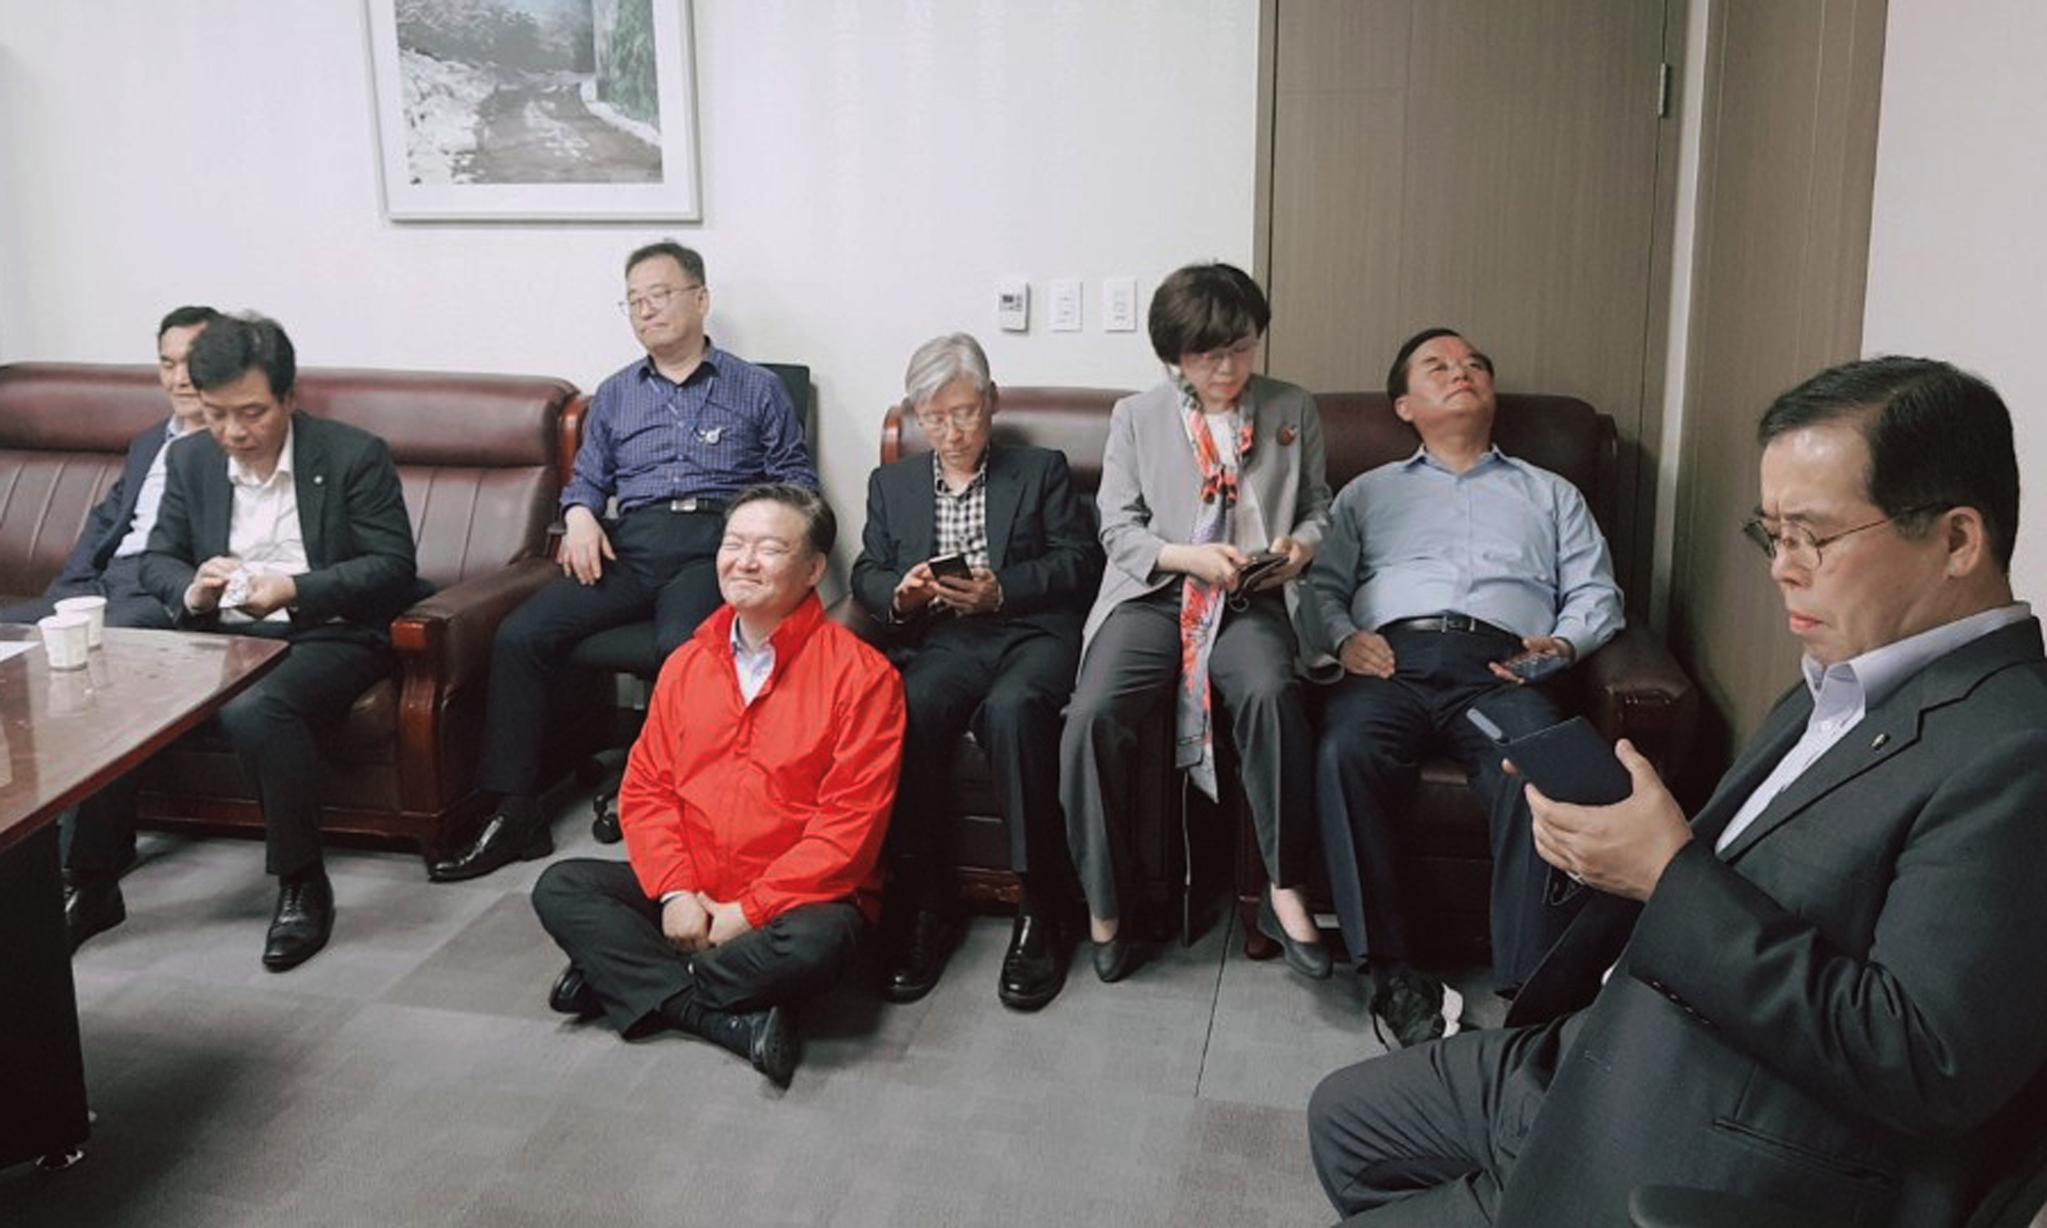 자유한국당 의원들이 25일 오전 바른미래당 지도부가 사법개혁특별위원회 위원을 오신환 의원에서 채이배 의원으로 교체하는 사보임계를 팩스로 제출하자 의원회관 채이배 의원실을 찾아가 회의 참석을 저지하고 있다.[연합뉴스]